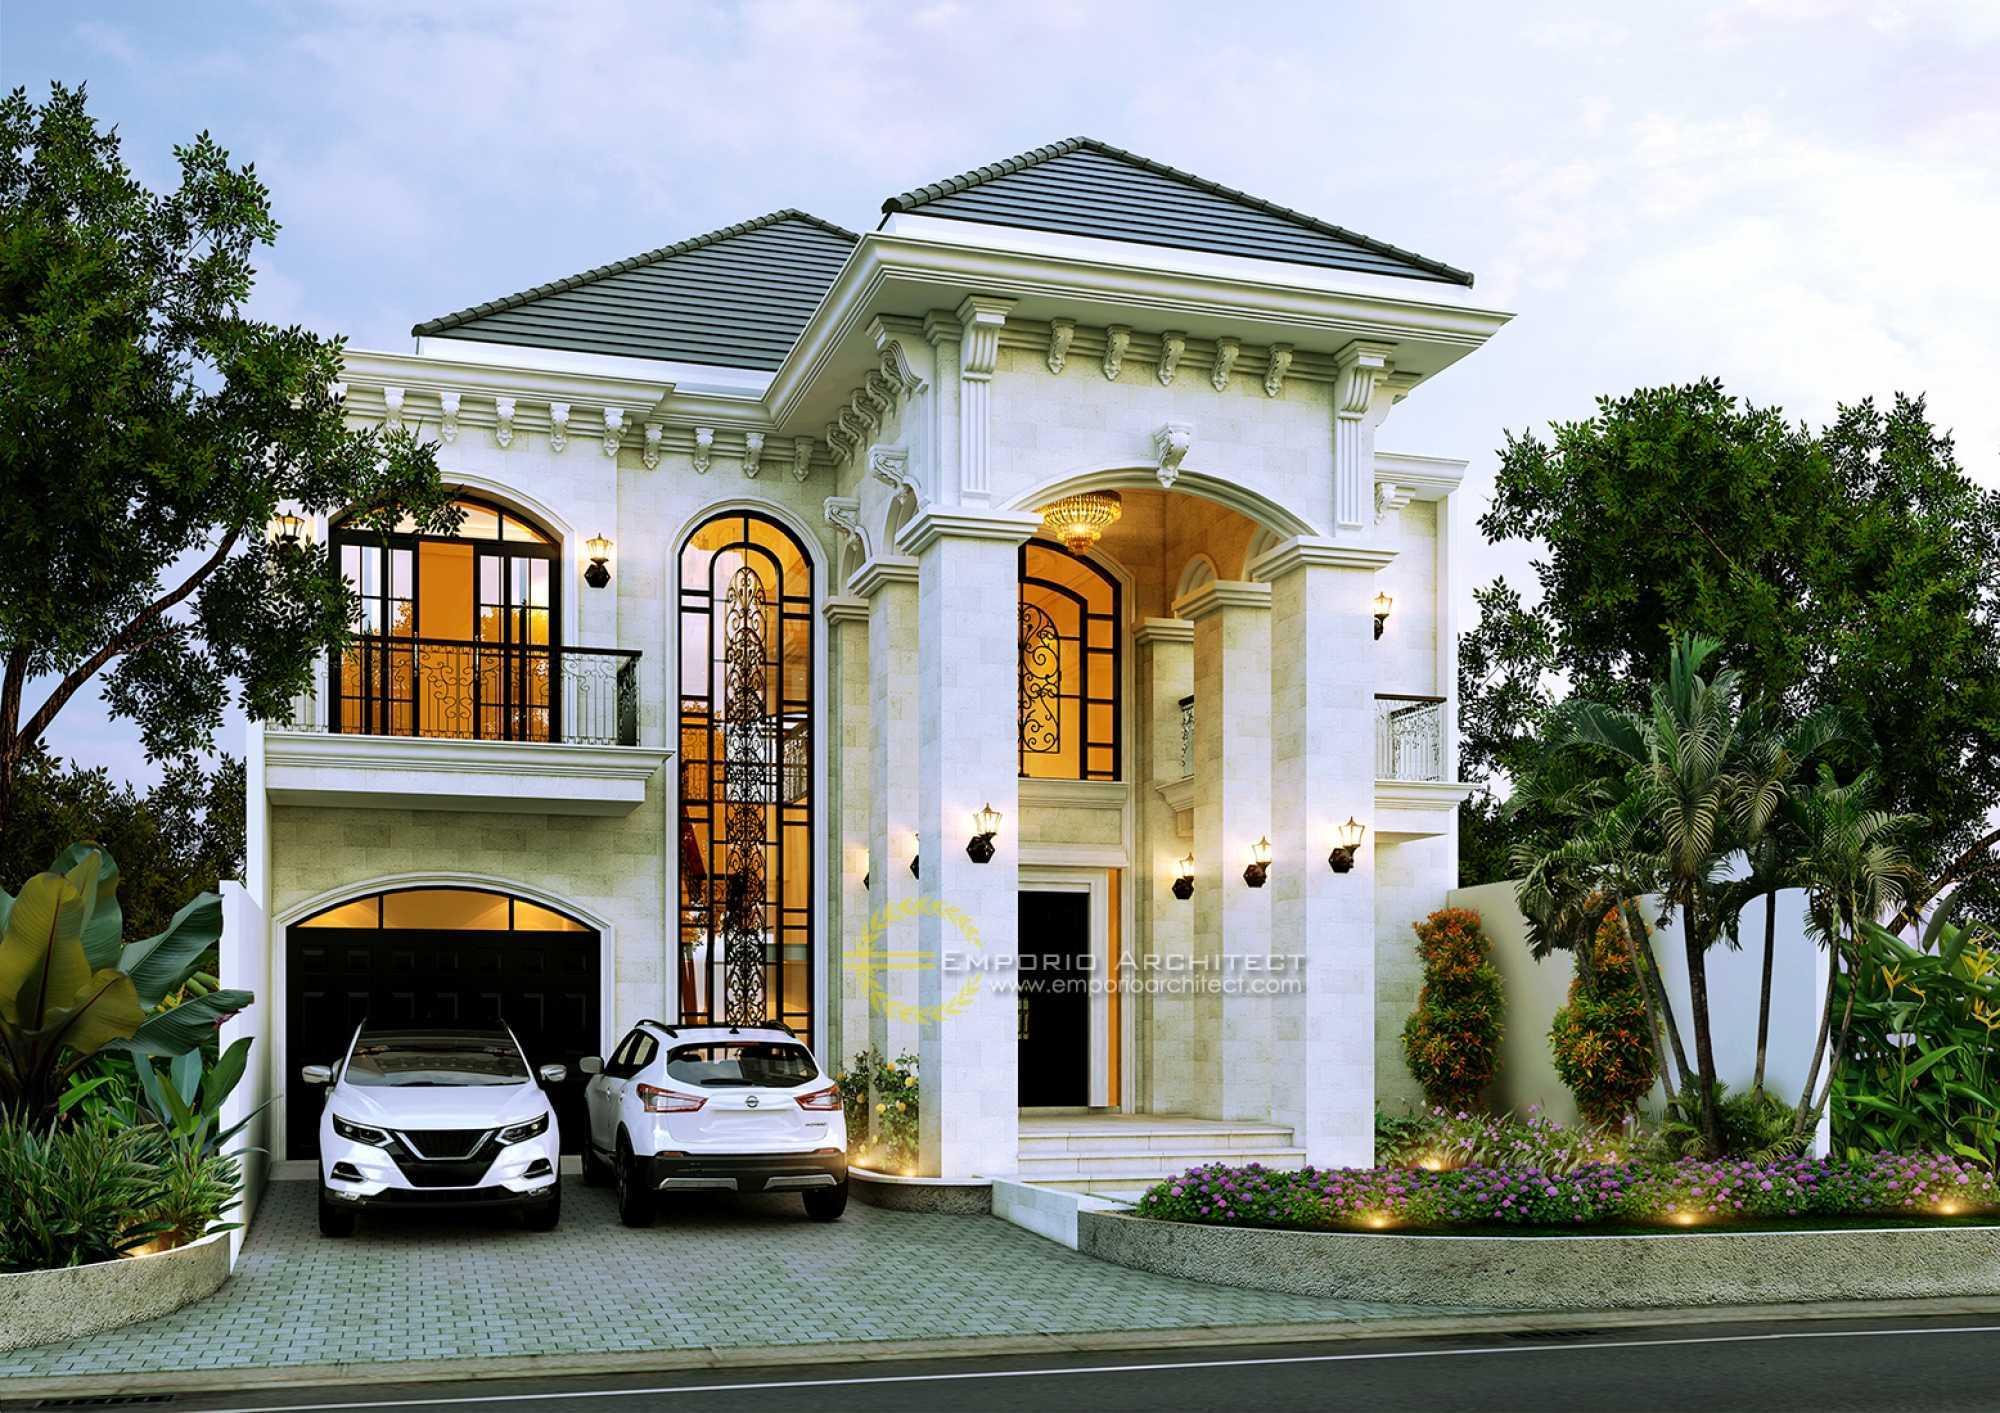 Jasa Arsitek Emporio Architect di Bogor